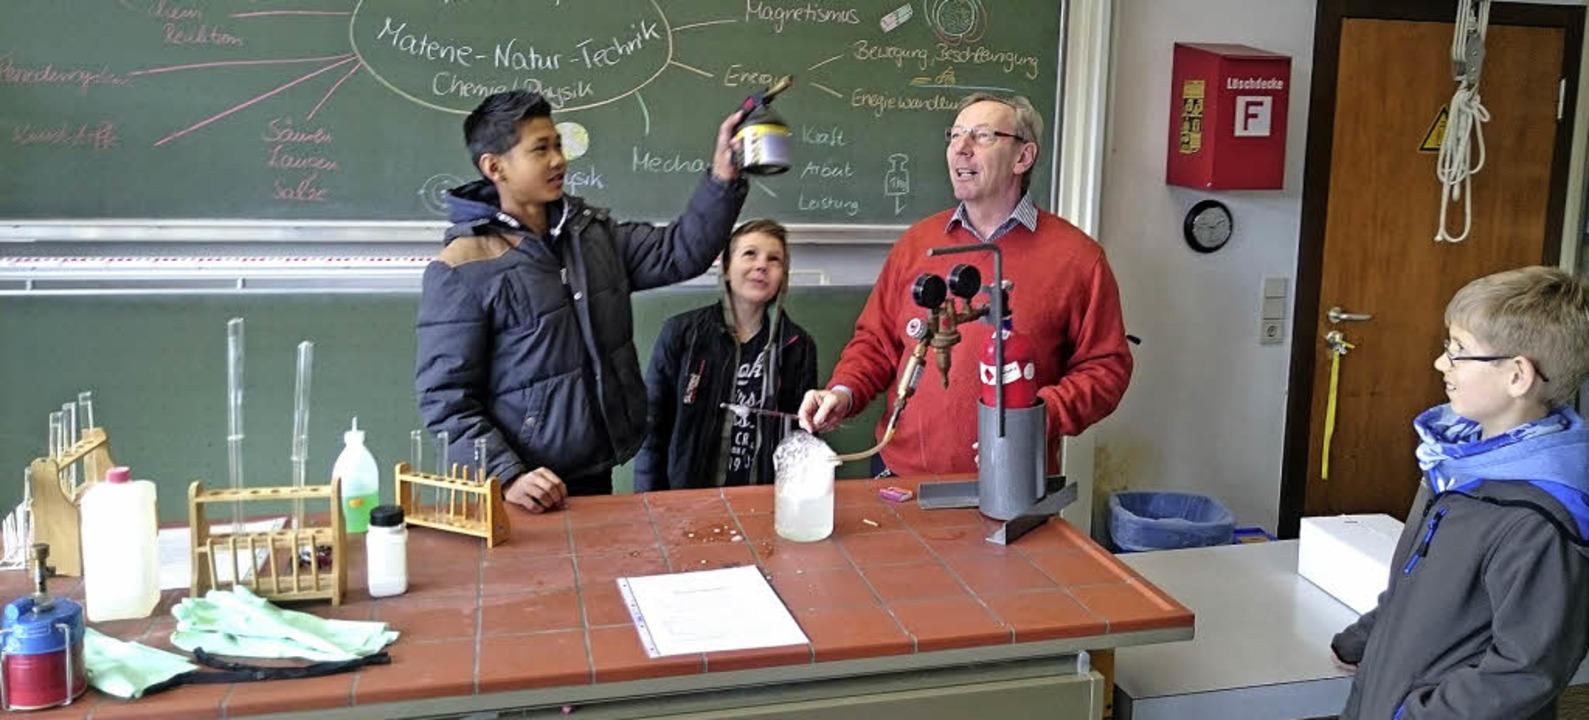 Dieter Beier lässt es  im Chemieraum o...uer, ein Feuerball leuchtet kurz auf.     Foto: David Eickhoff